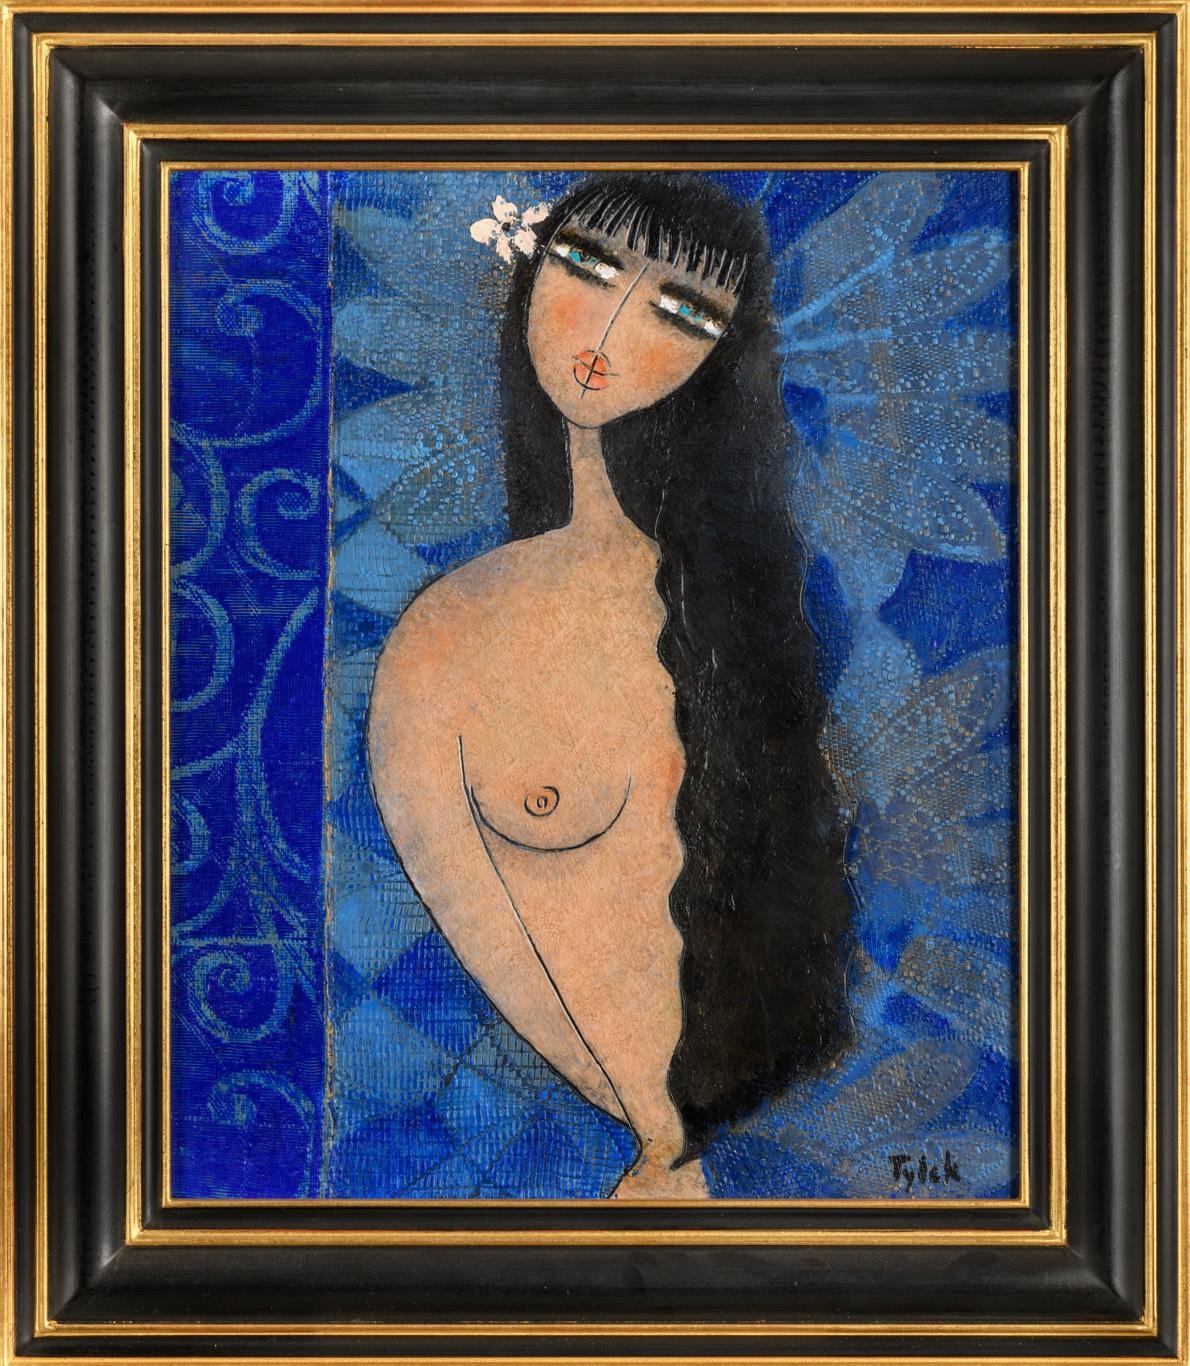 TYLEK V modrém čase 60 x 50